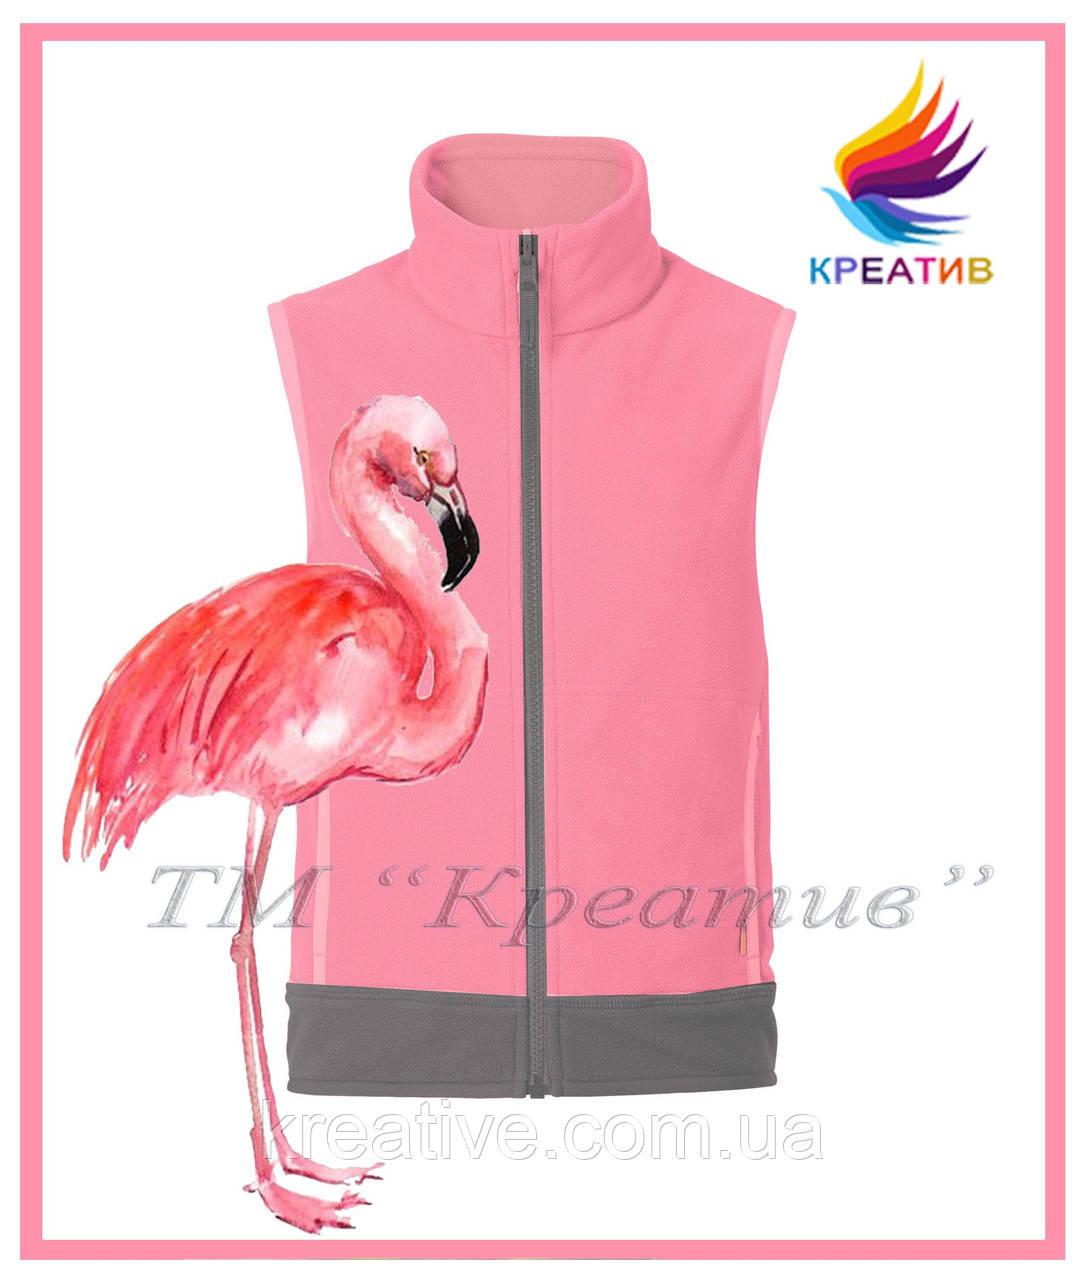 Жилет флисовый розовый фламинго (под заказ от 50 шт.)